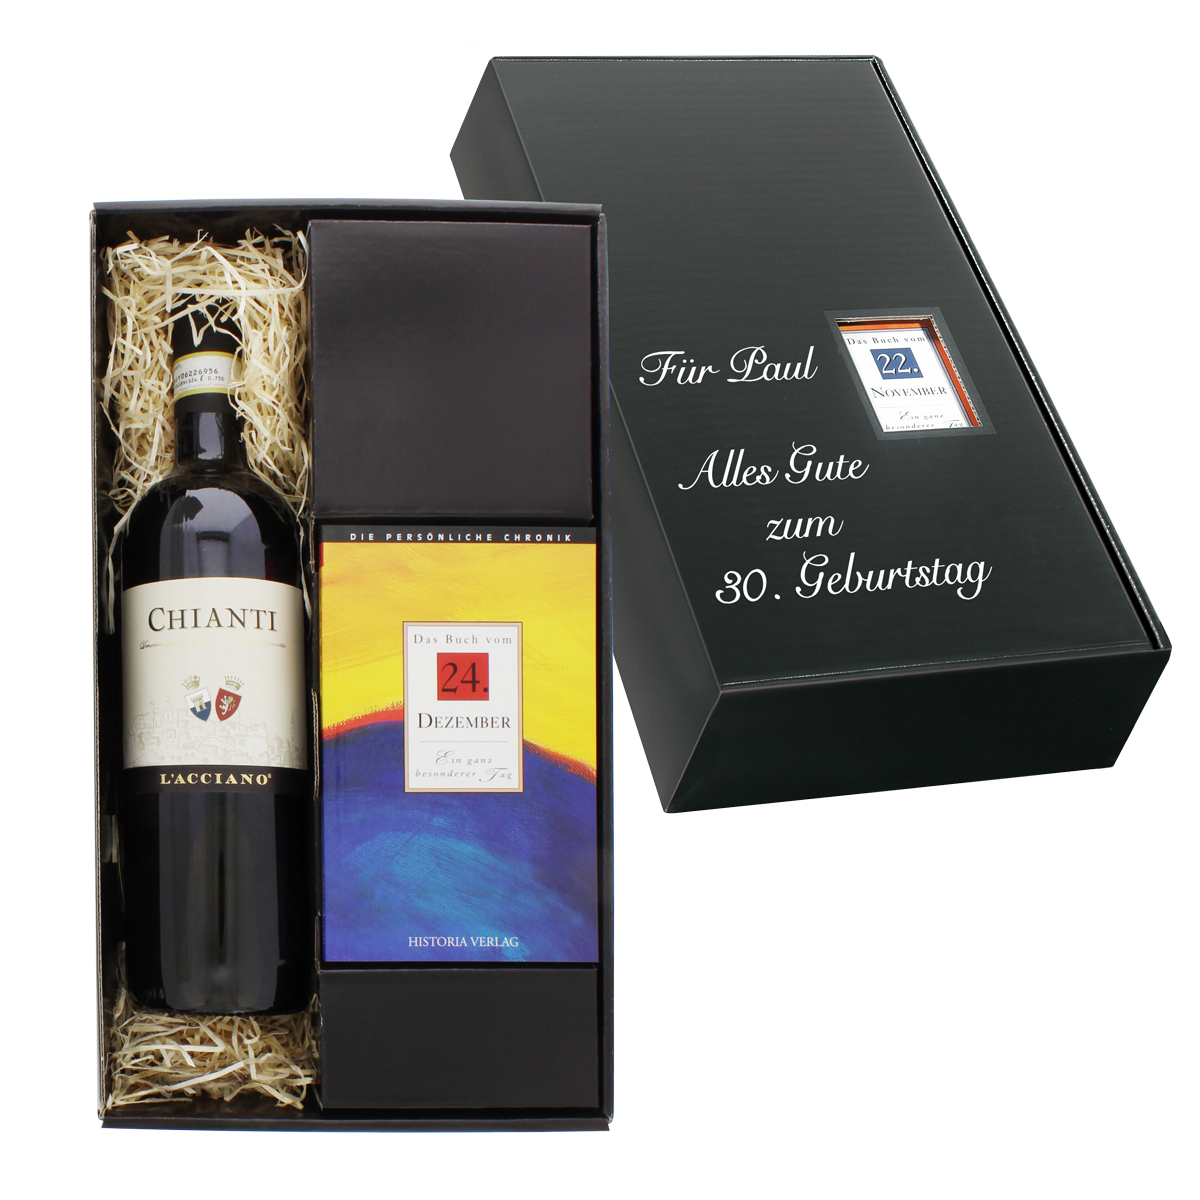 Italien-Set: Tageschronik vom 12. Dezember & Chianti-Wein